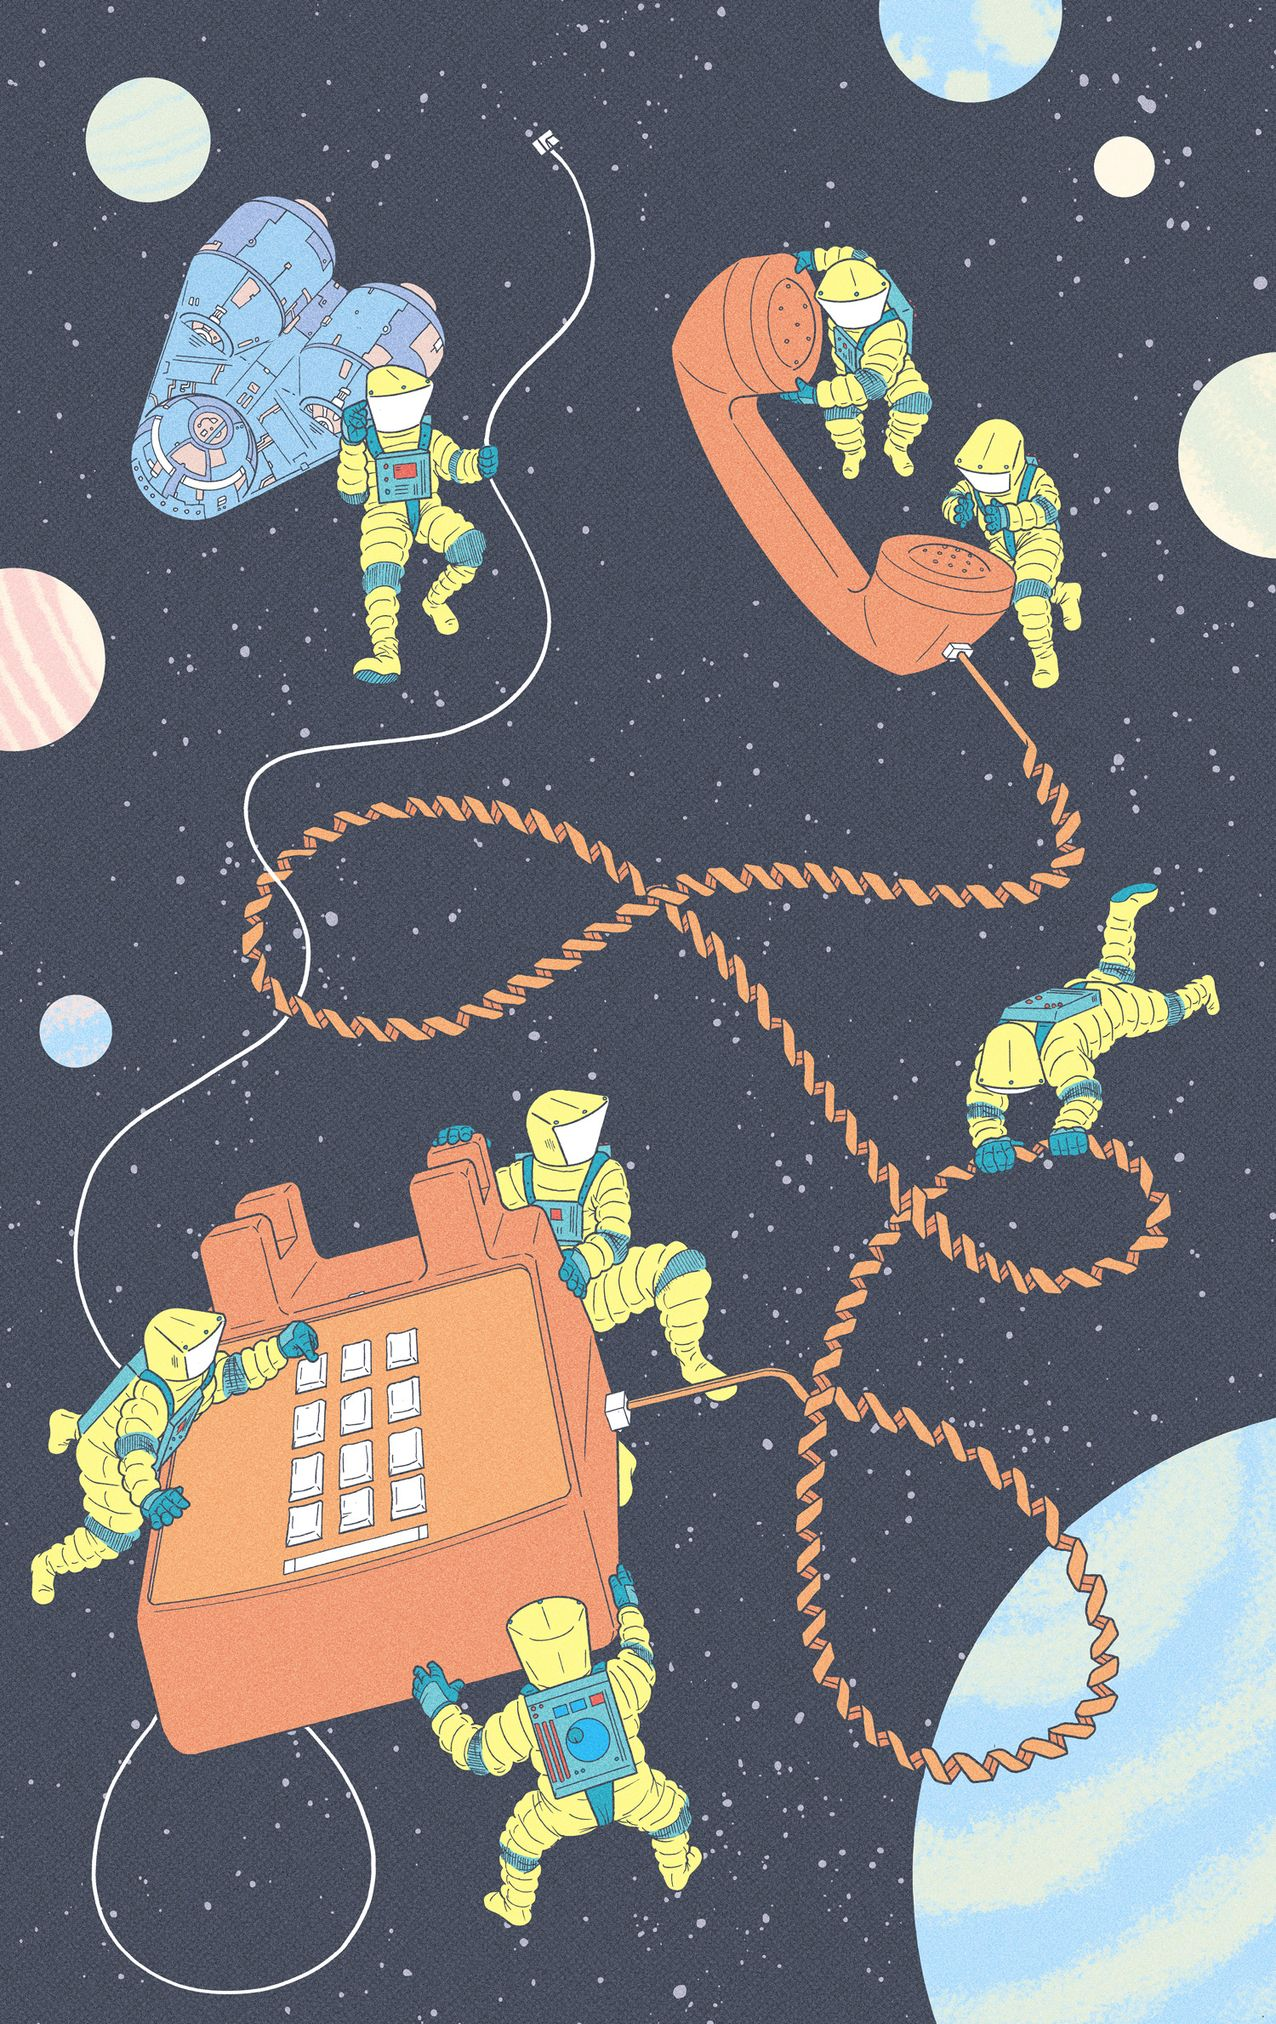 garance-illustration-Kyle-Ellingson-Personal-Work-Old-Tech